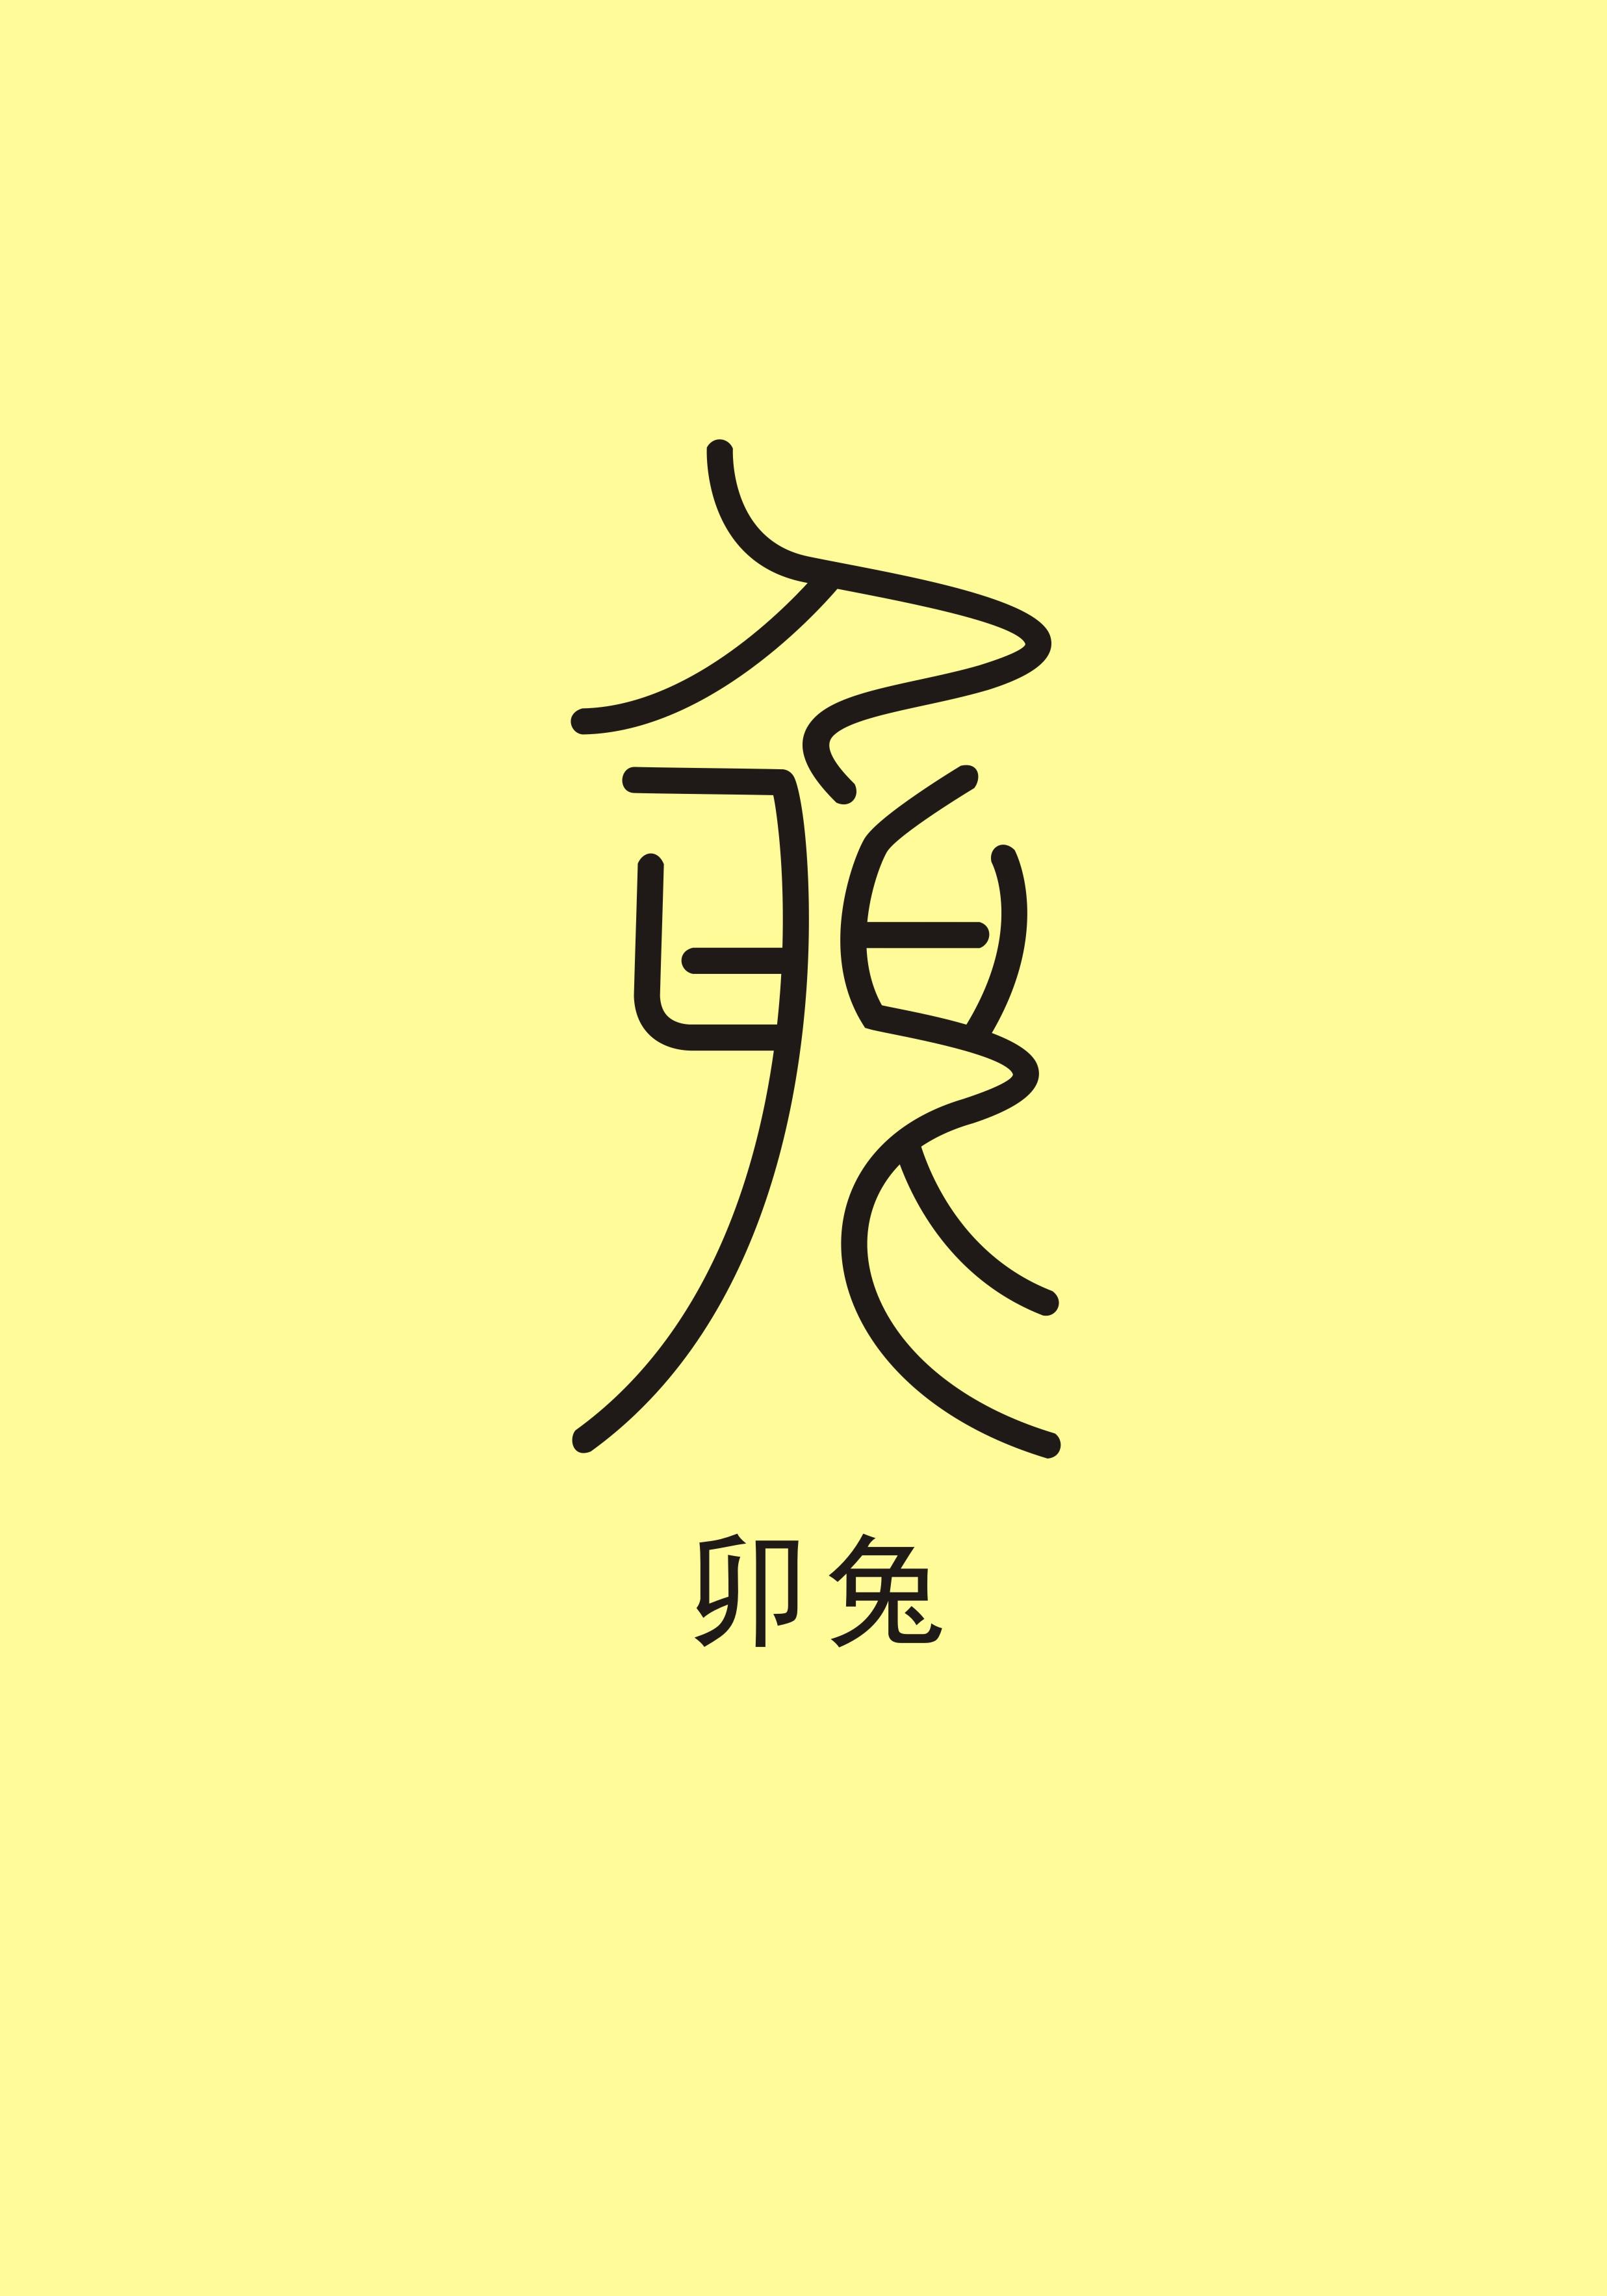 十二生肖 其6|平面|字体/字形|肉二君 - 原创作品图片